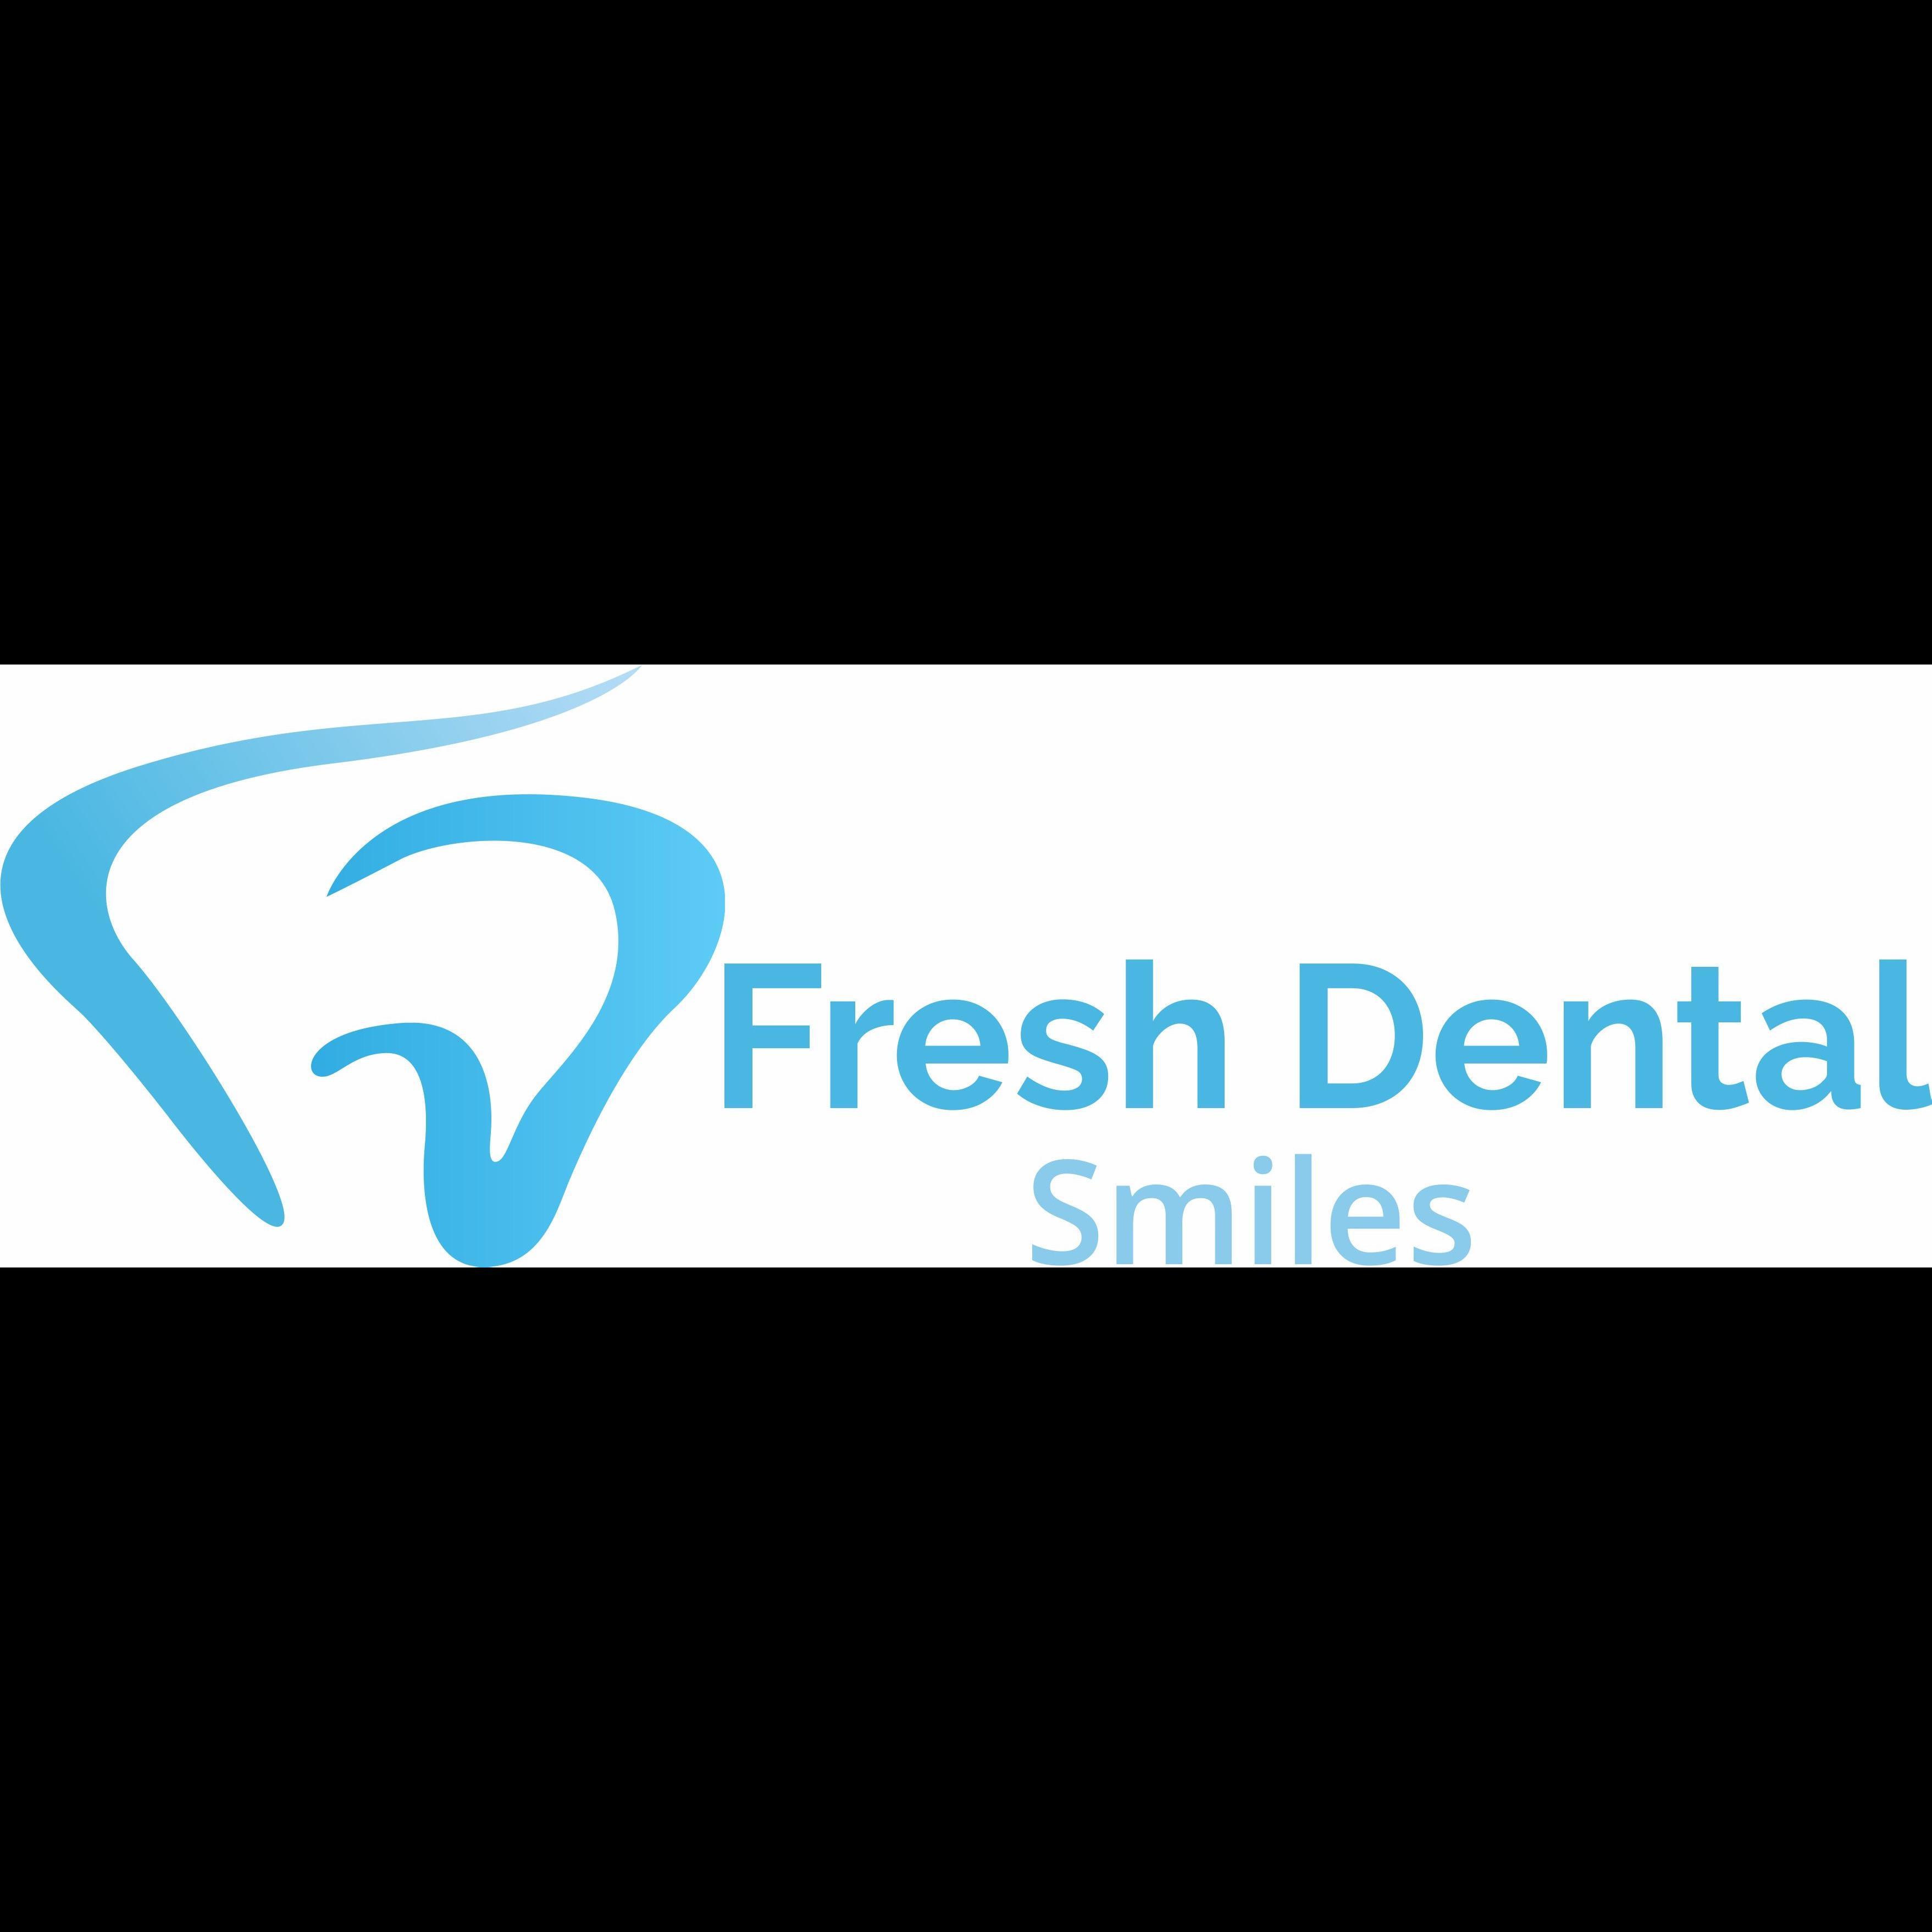 Fresh Dental Smiles